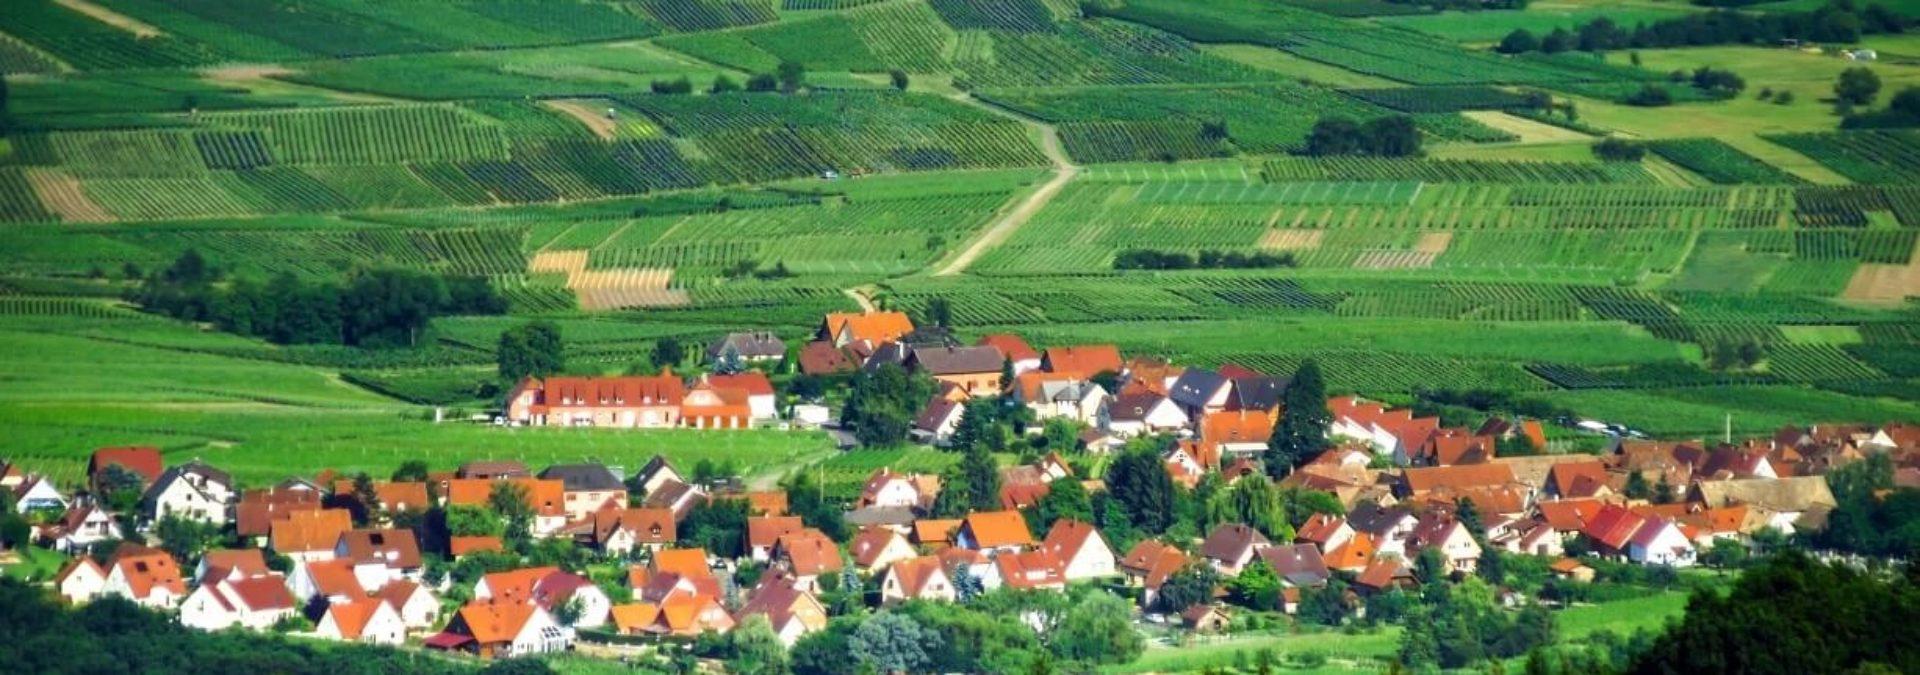 Domaine Fritz-Schmitt